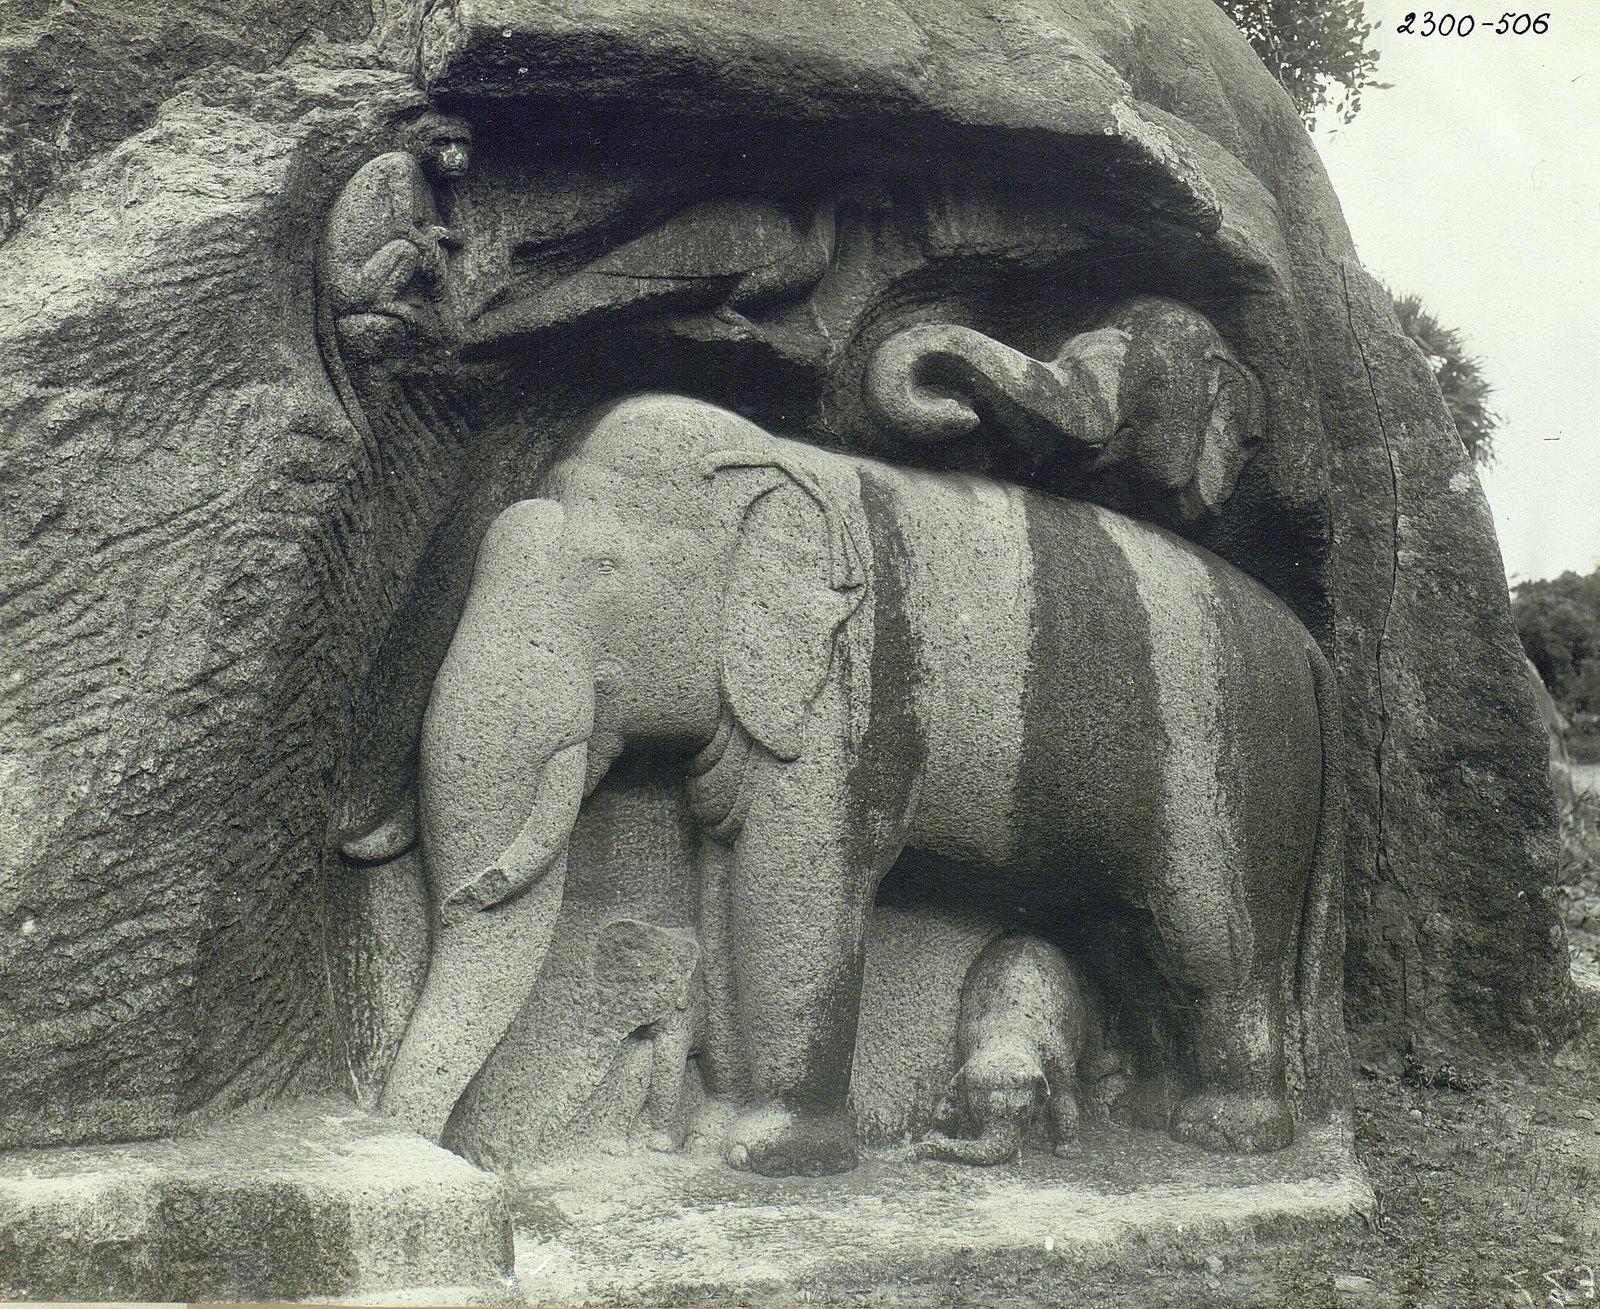 Мамаллапур (деталь рельефа со слонами на скале) (2)